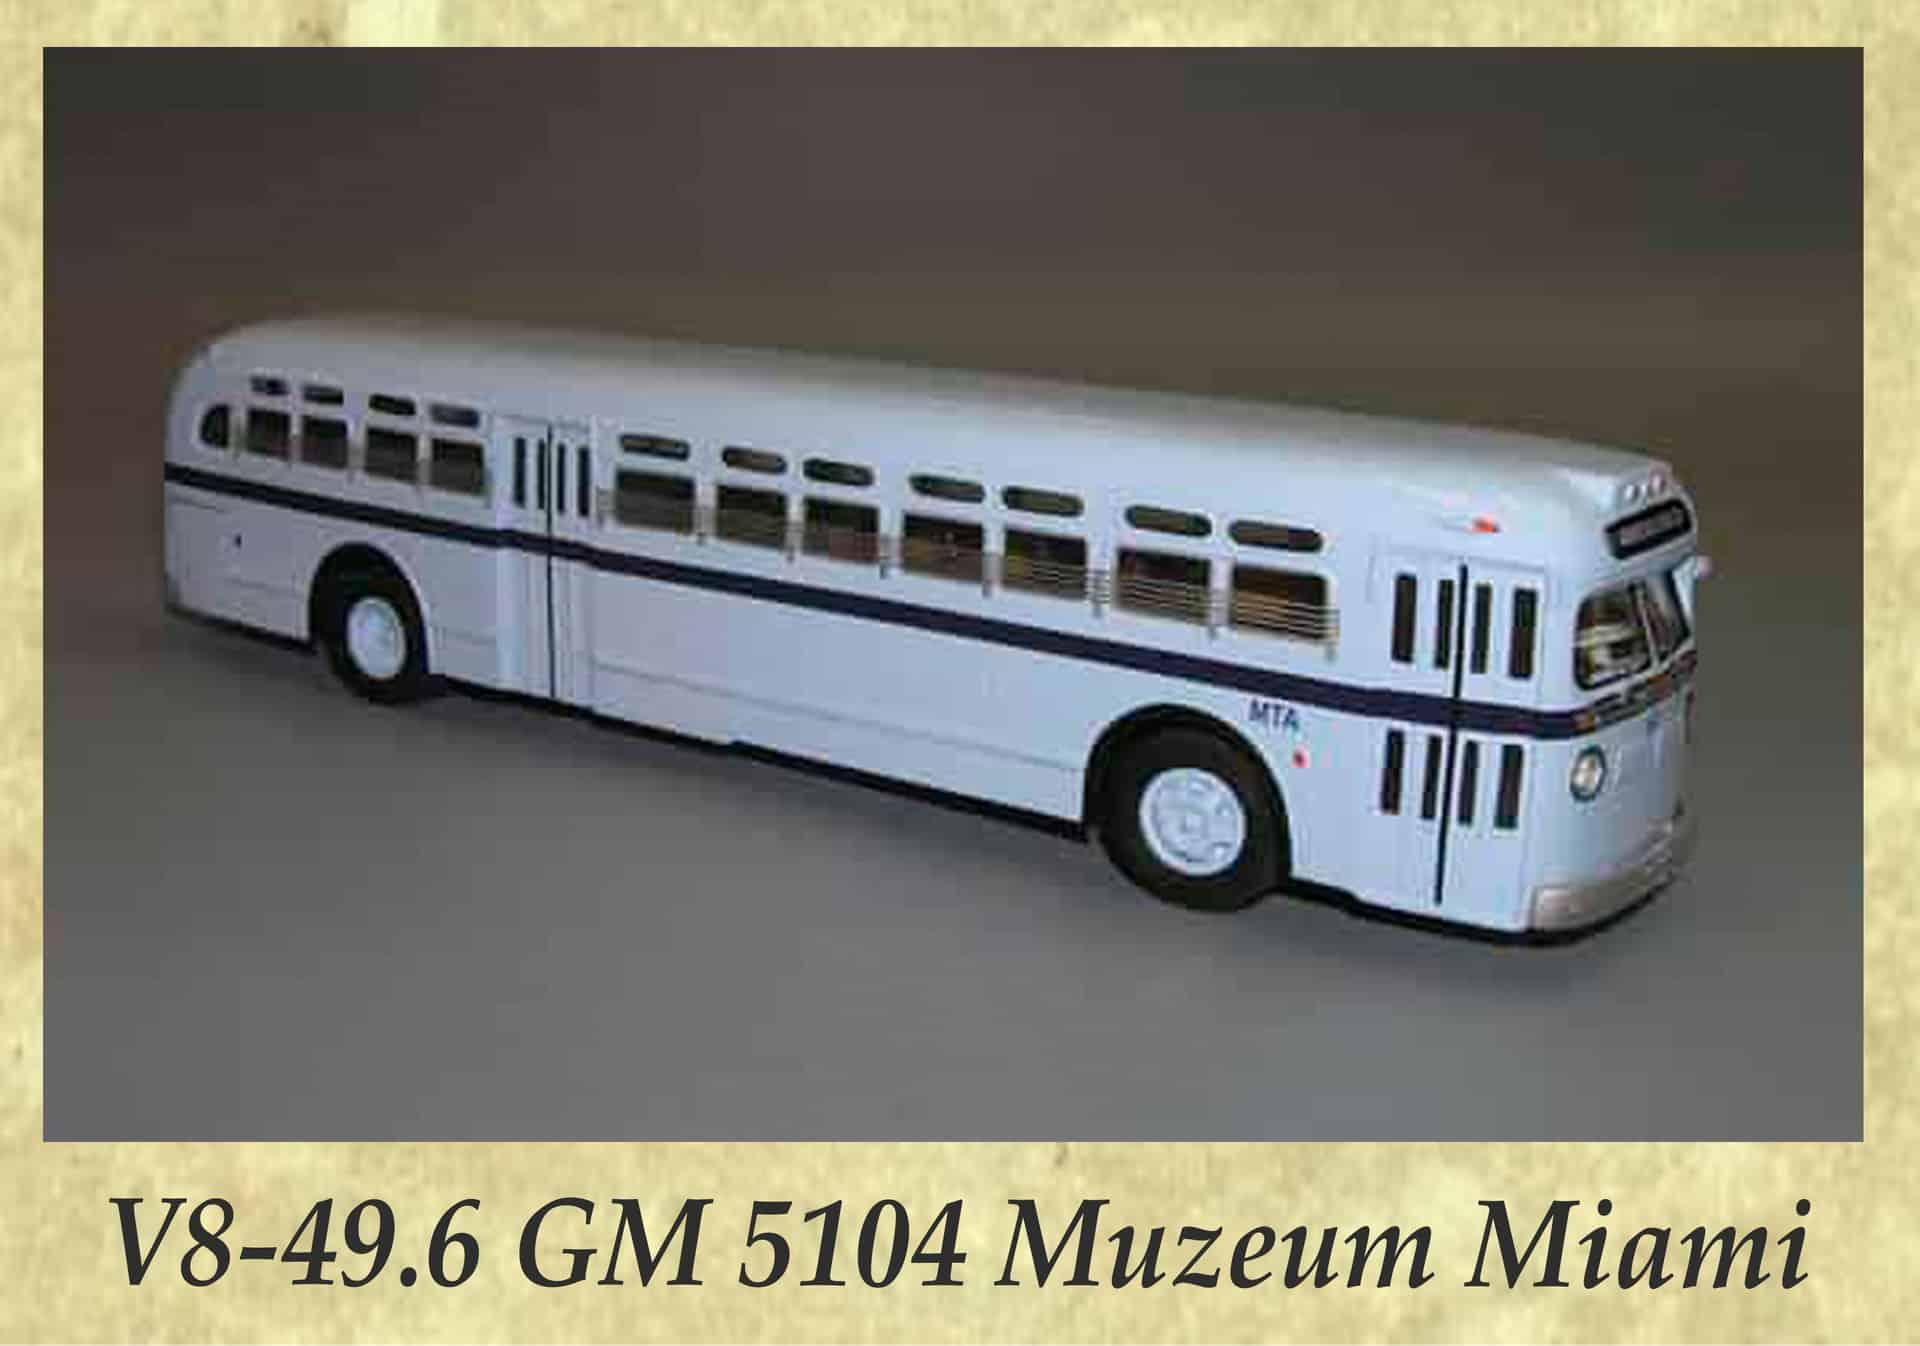 V8-49.6 GM 5104 Muzeum Miami